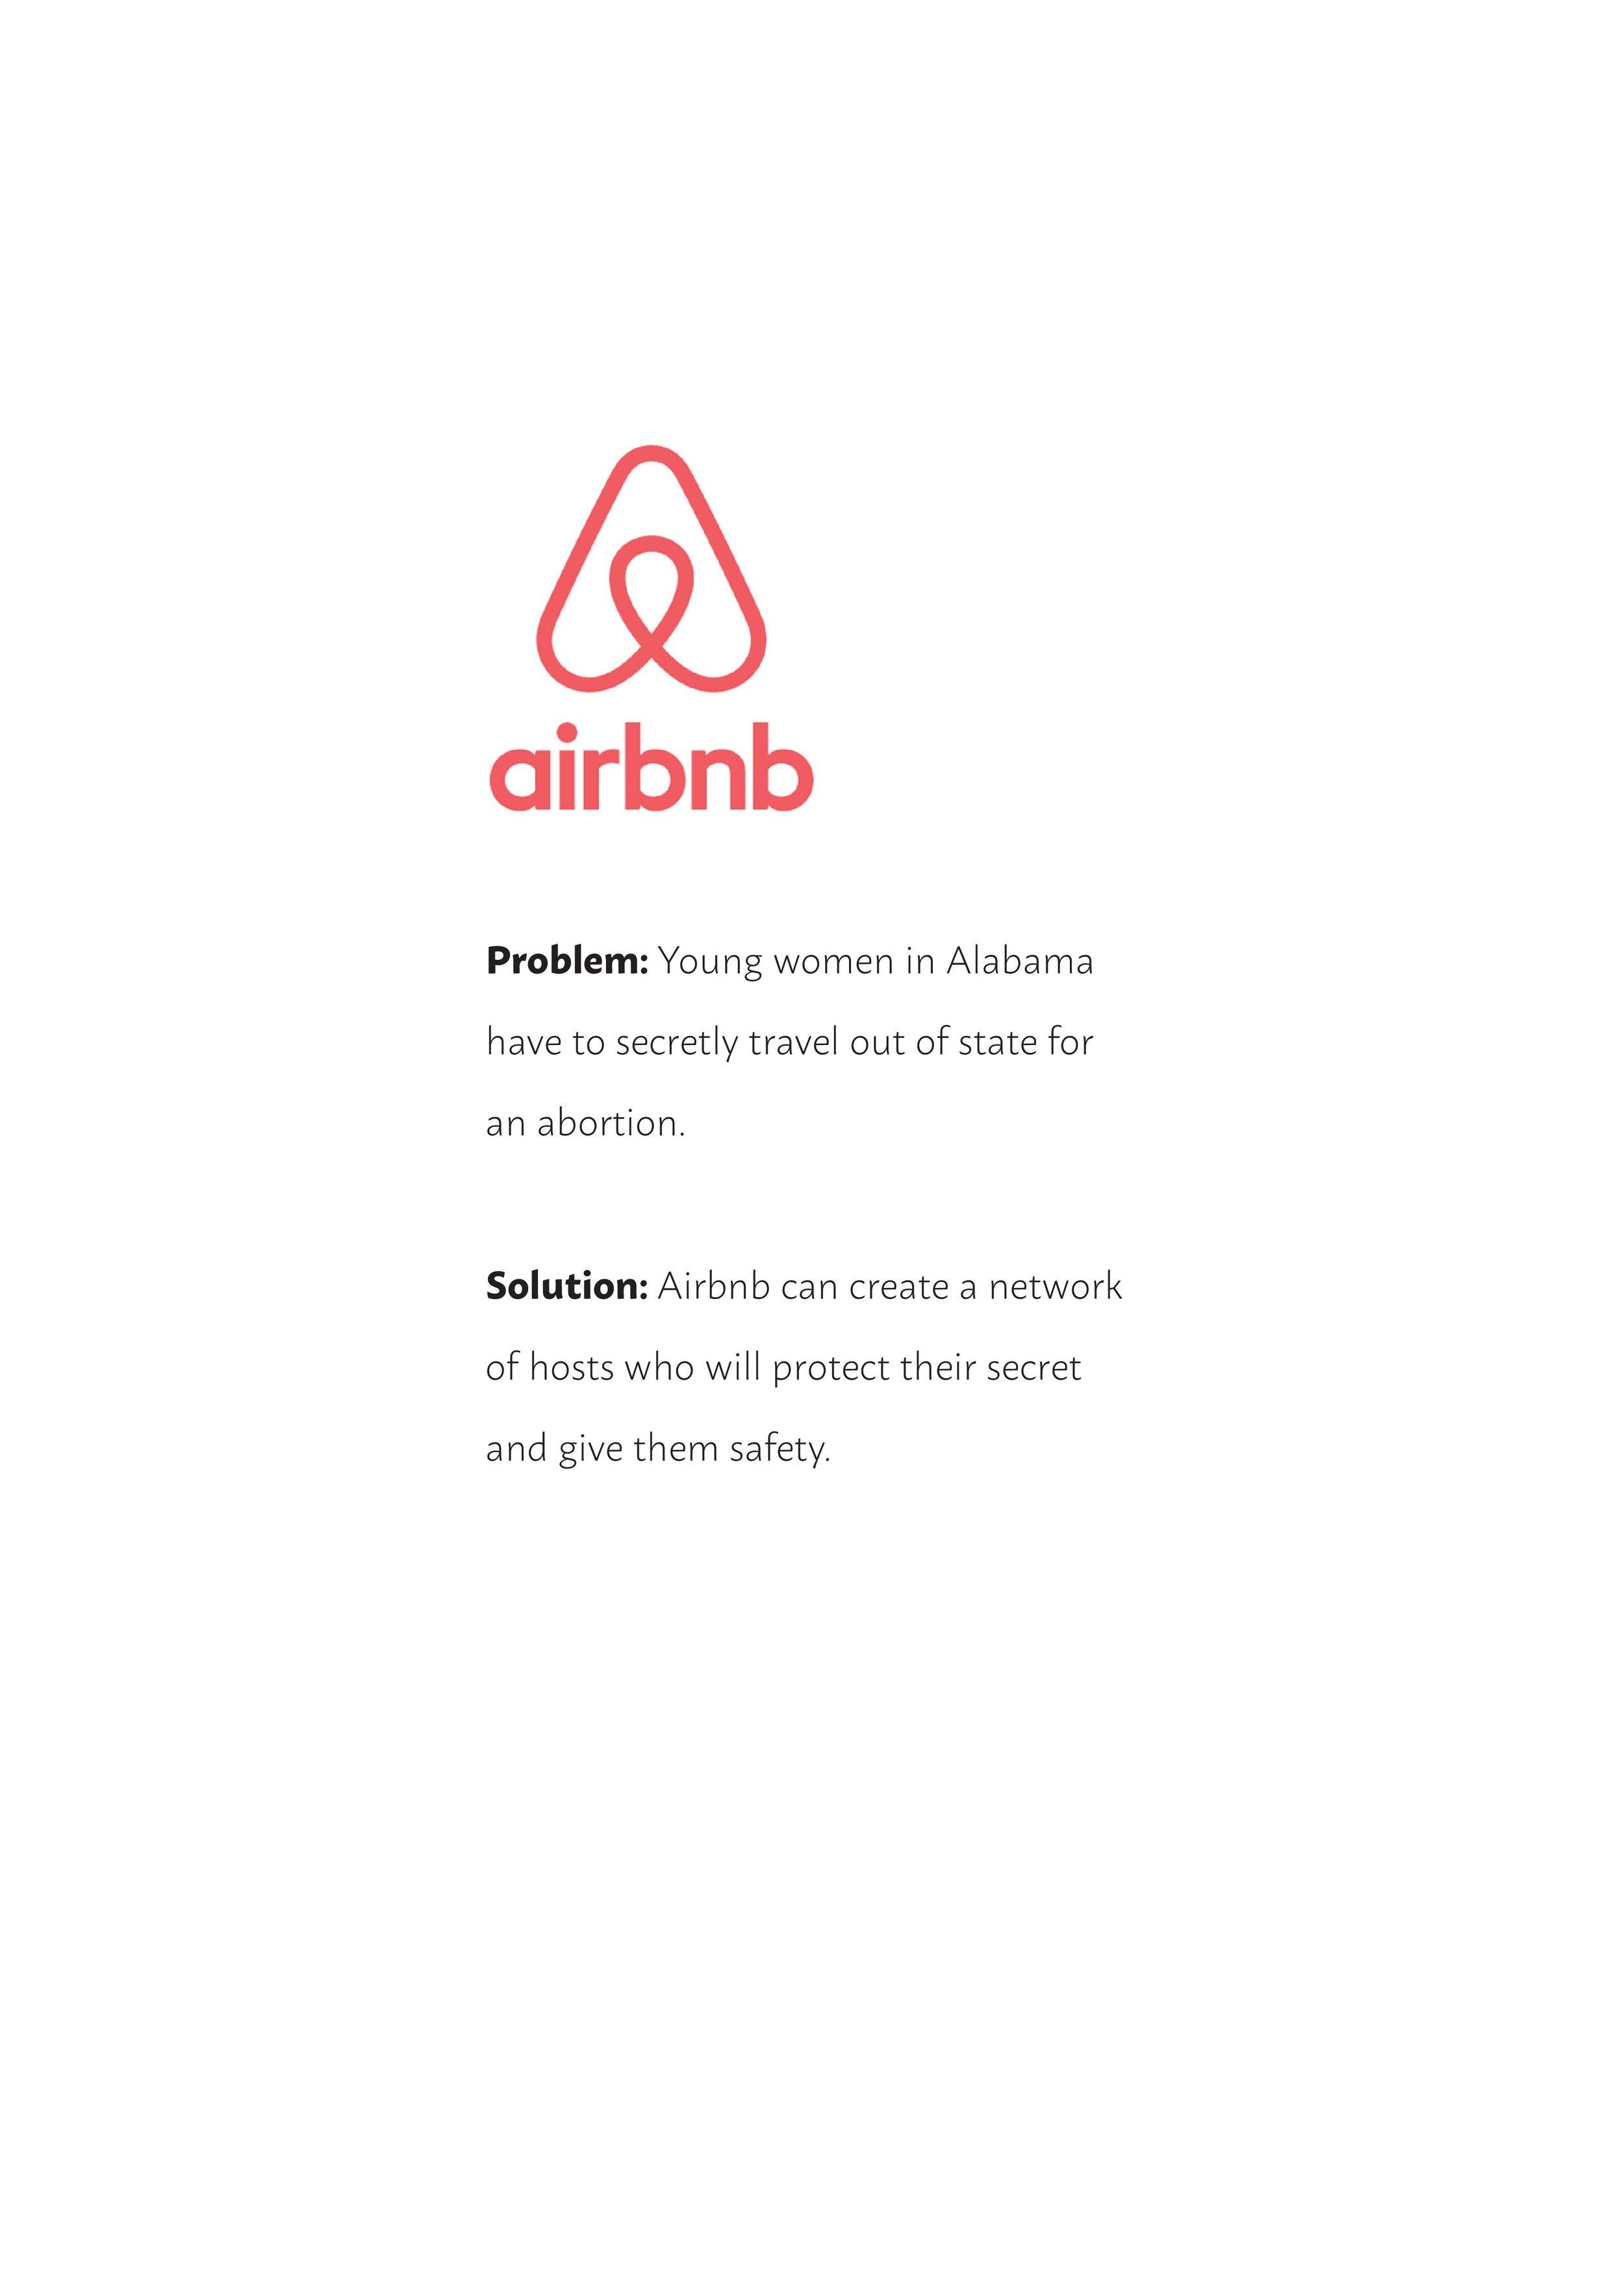 7thJune_Airbnb_TitlePage-page-001.jpg